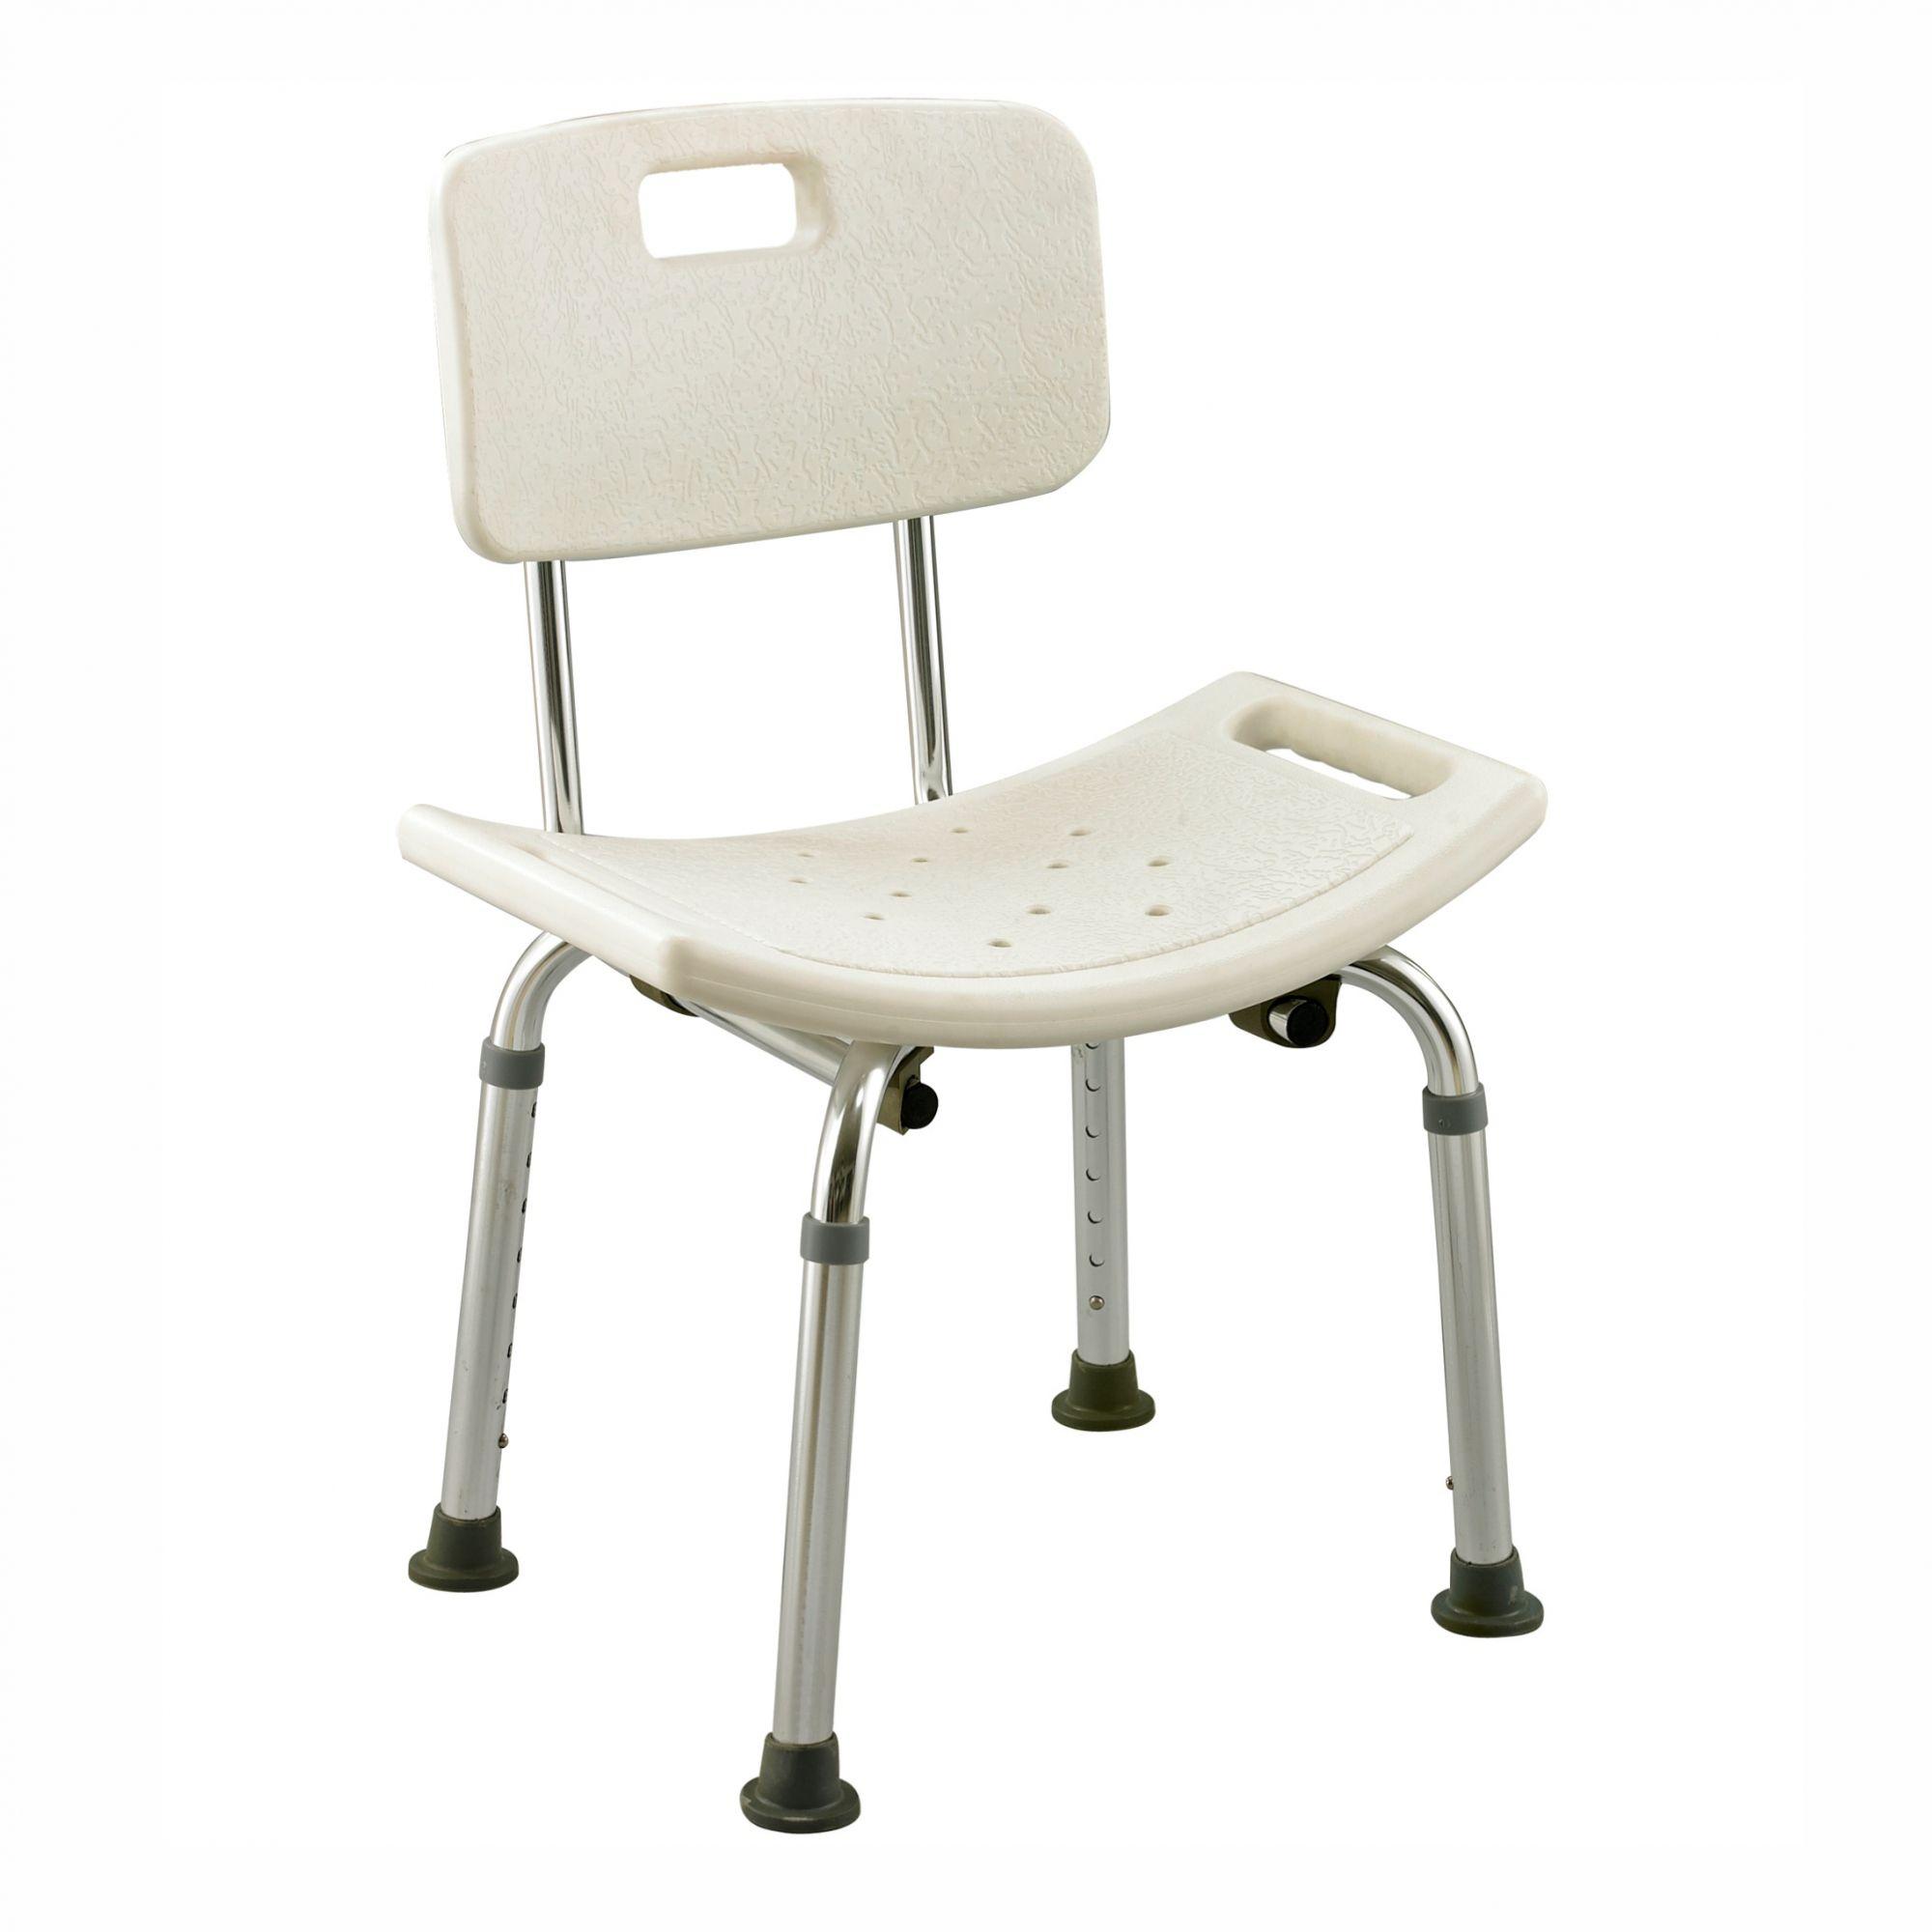 Cadeira de banho ZIMEDICAL ALK402L